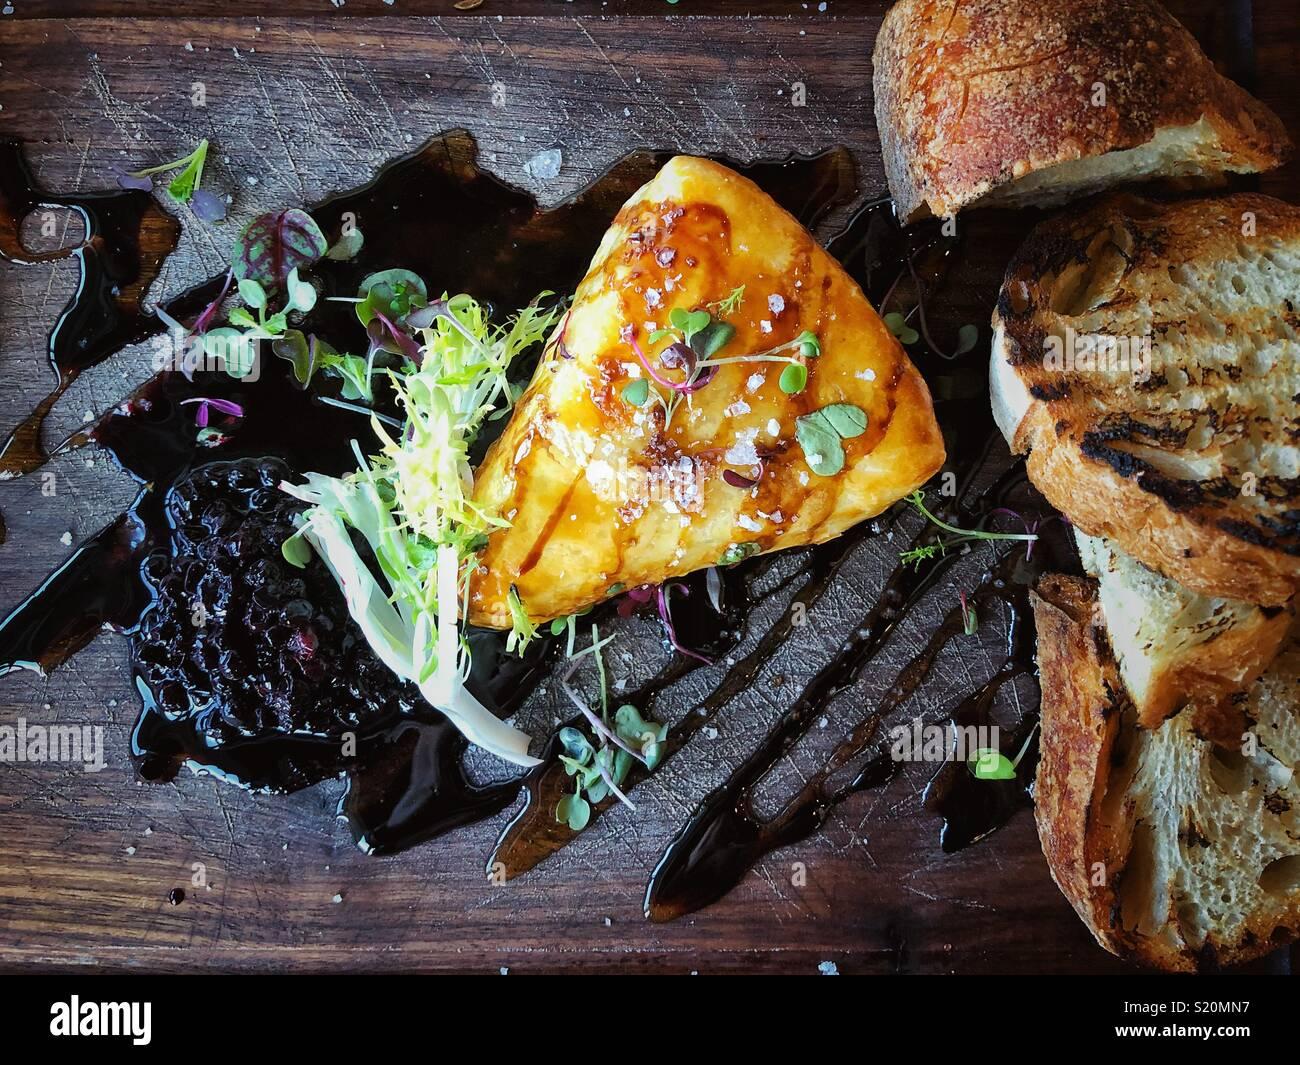 Baked brie Keil auf einem dunklen Holz Bord mit geröstetem Brot und Wild Blueberry Kompott Stockbild